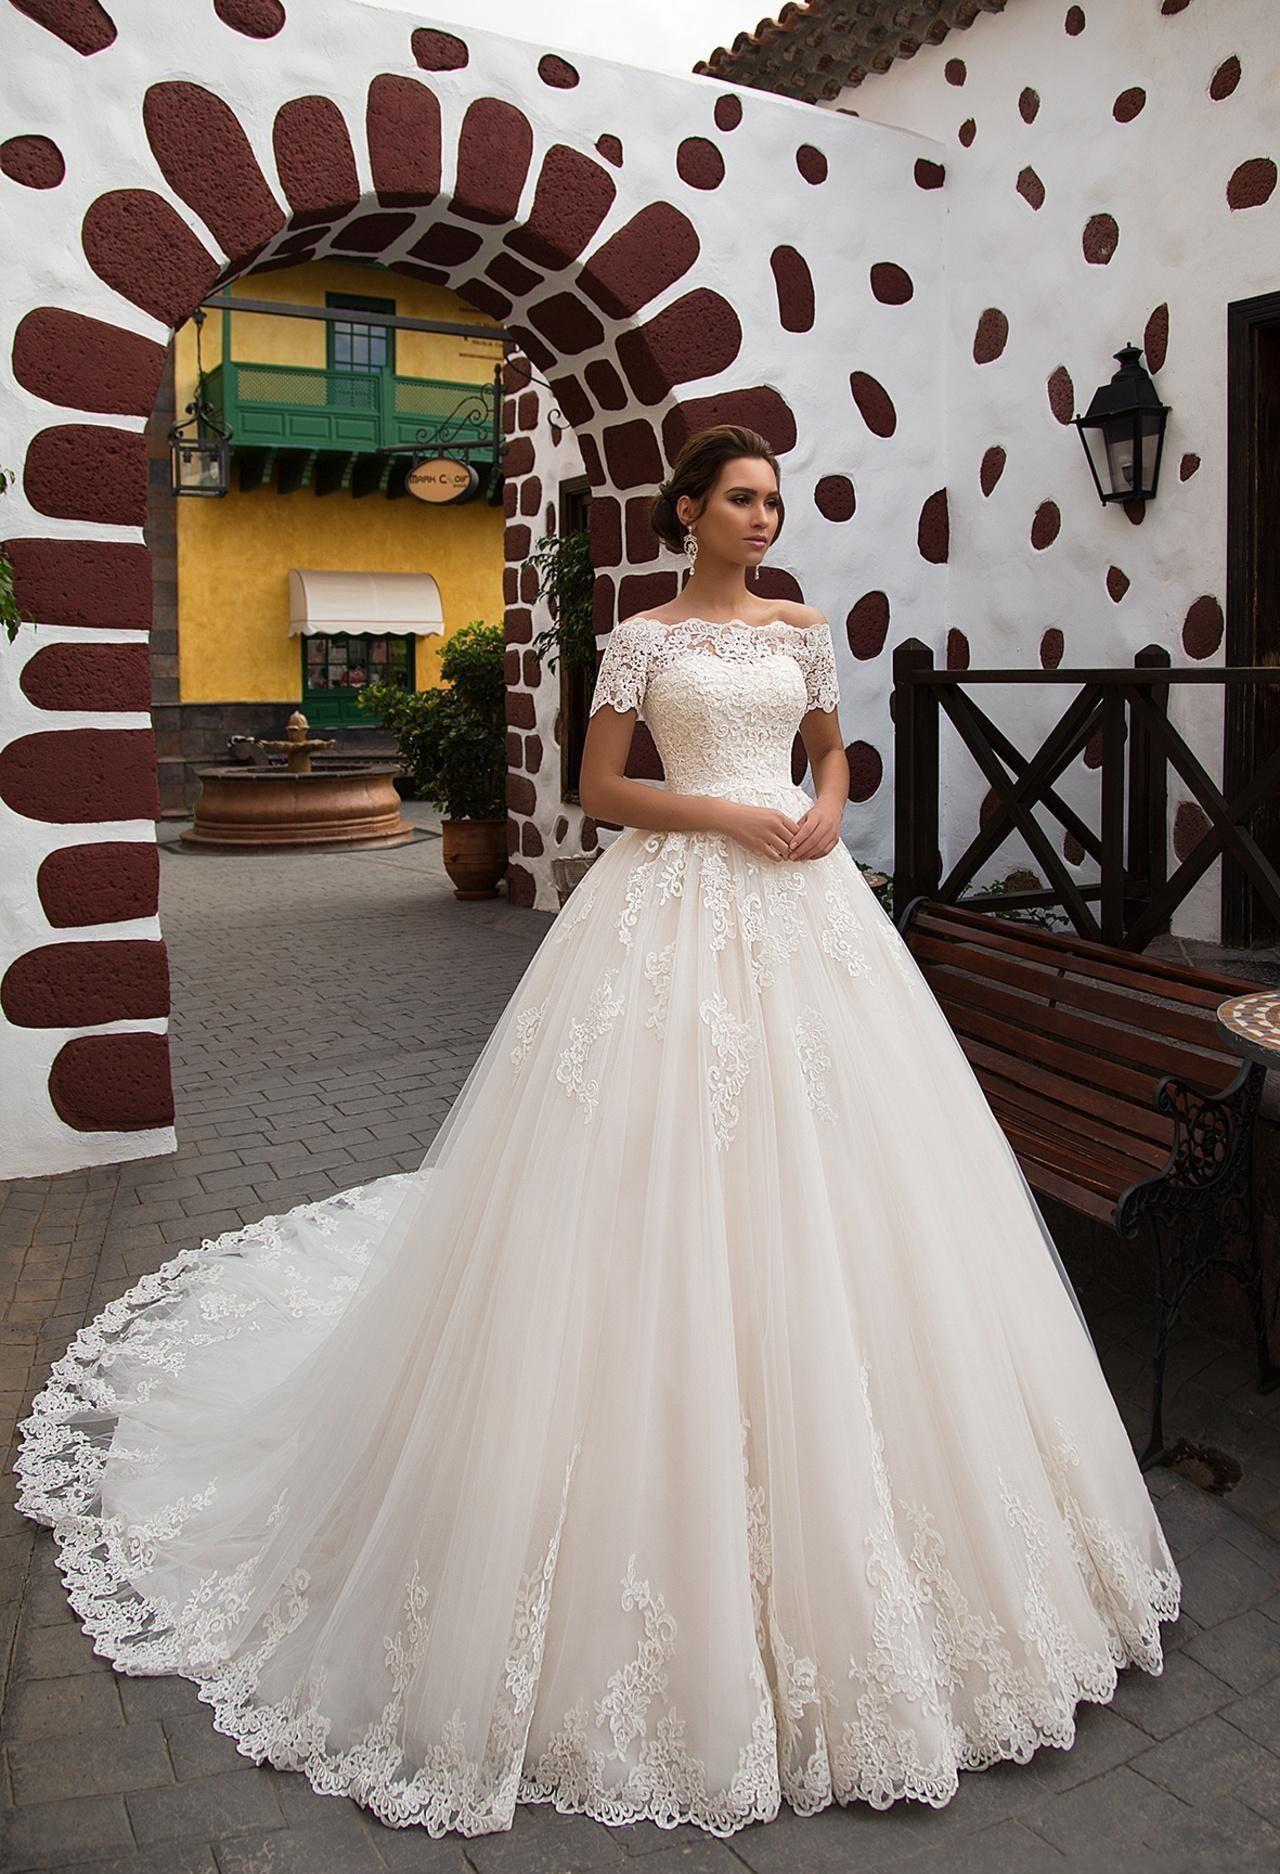 f00ede62c2a6 Discount 2018 Vintage Lace Appliques A Line Wedding Dresses Romantic  Princess Short Sleeves Chapel Train Bride Gown Robe De Mariage Simple Lace  Wedding ...